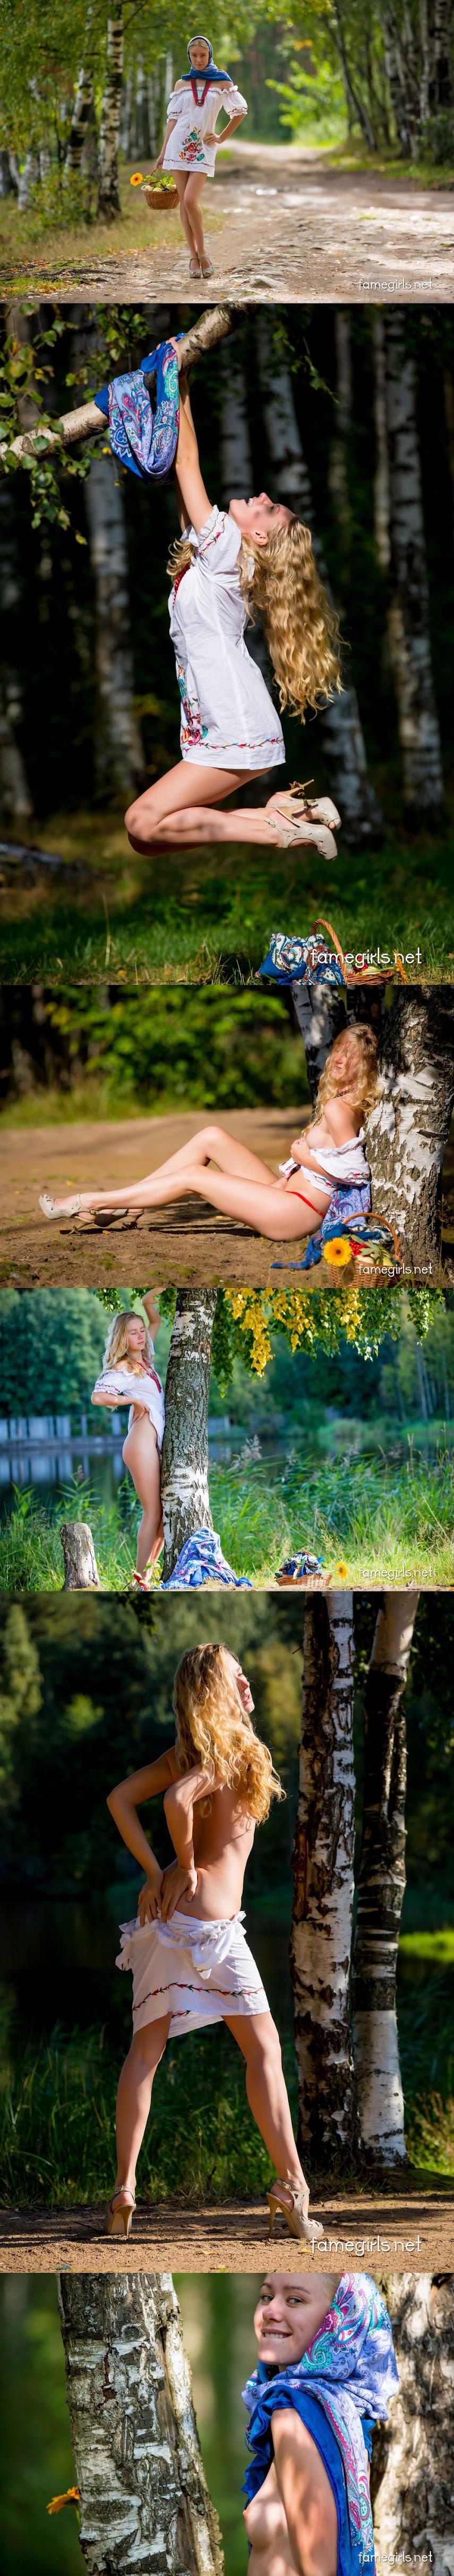 FameGirls_Ella-_034_x1213840x5760.zip-jk- FameGirls Ella- 034 x1213840x5760